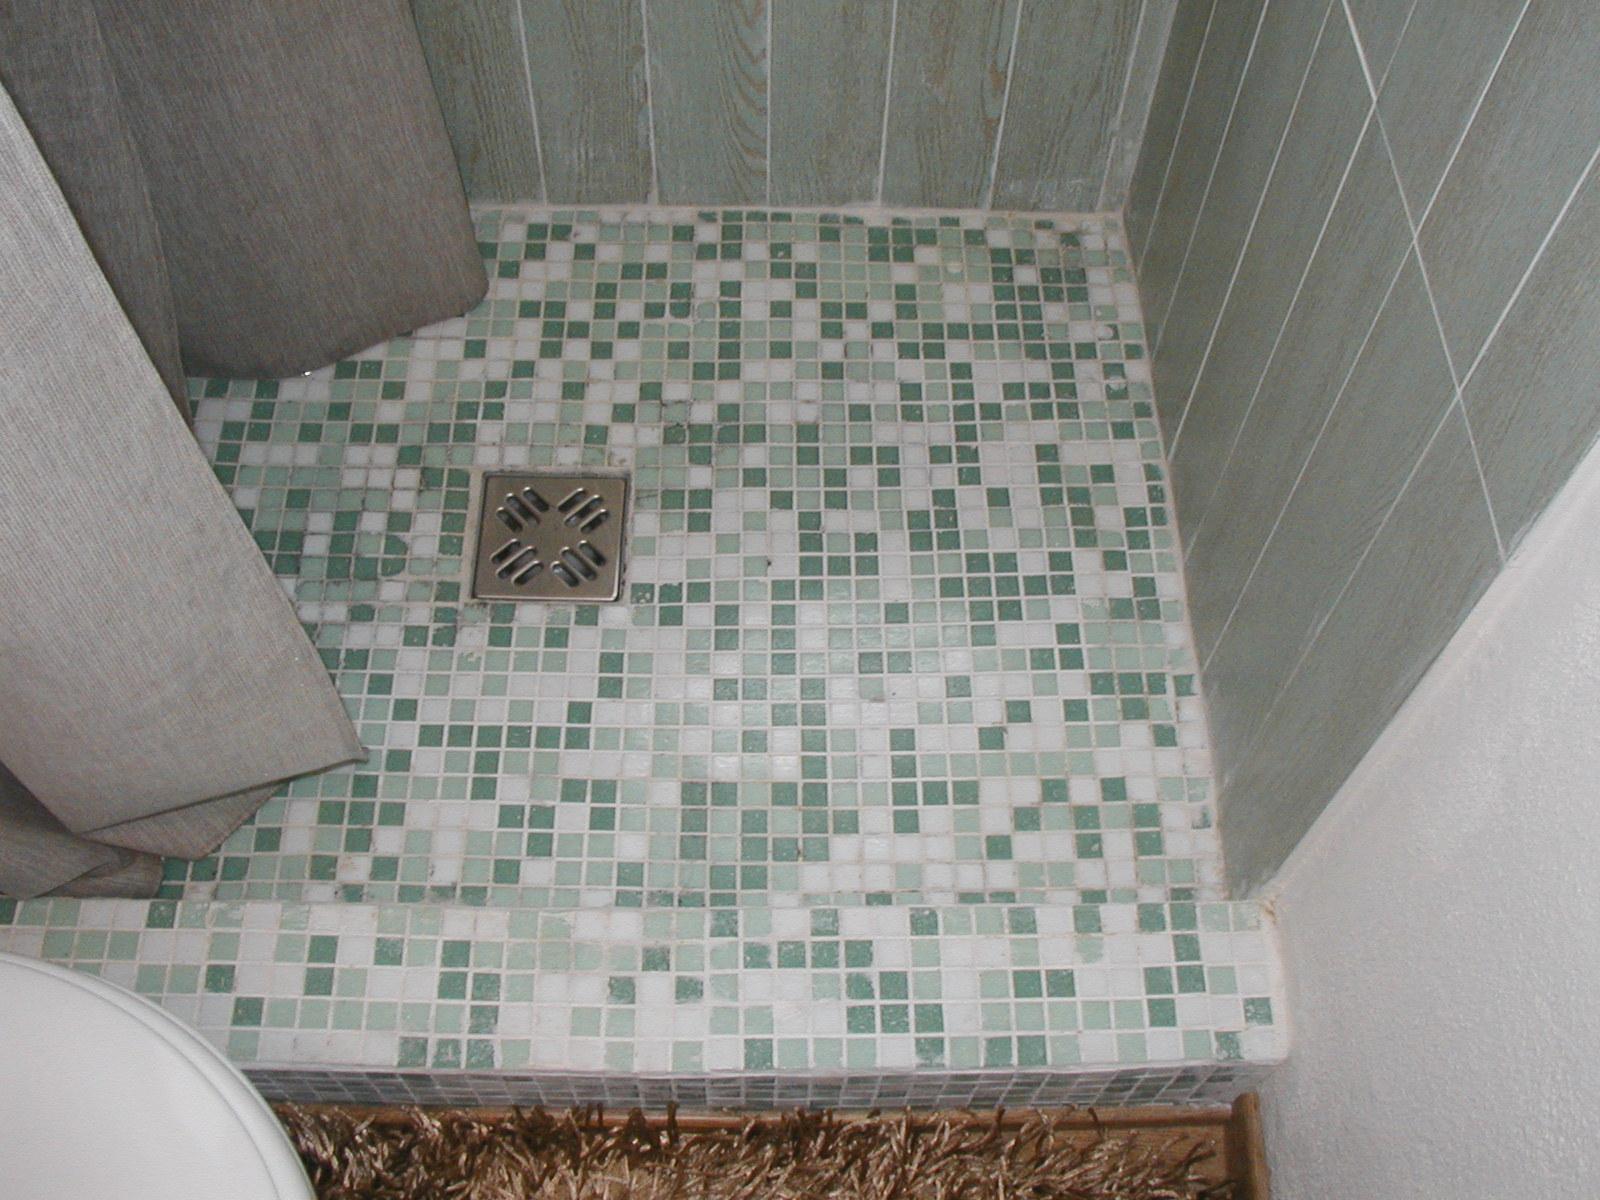 Bagni Con Doccia Alla Finestra : Bagno con doccia davanti alla finestra latest beige tegole parete